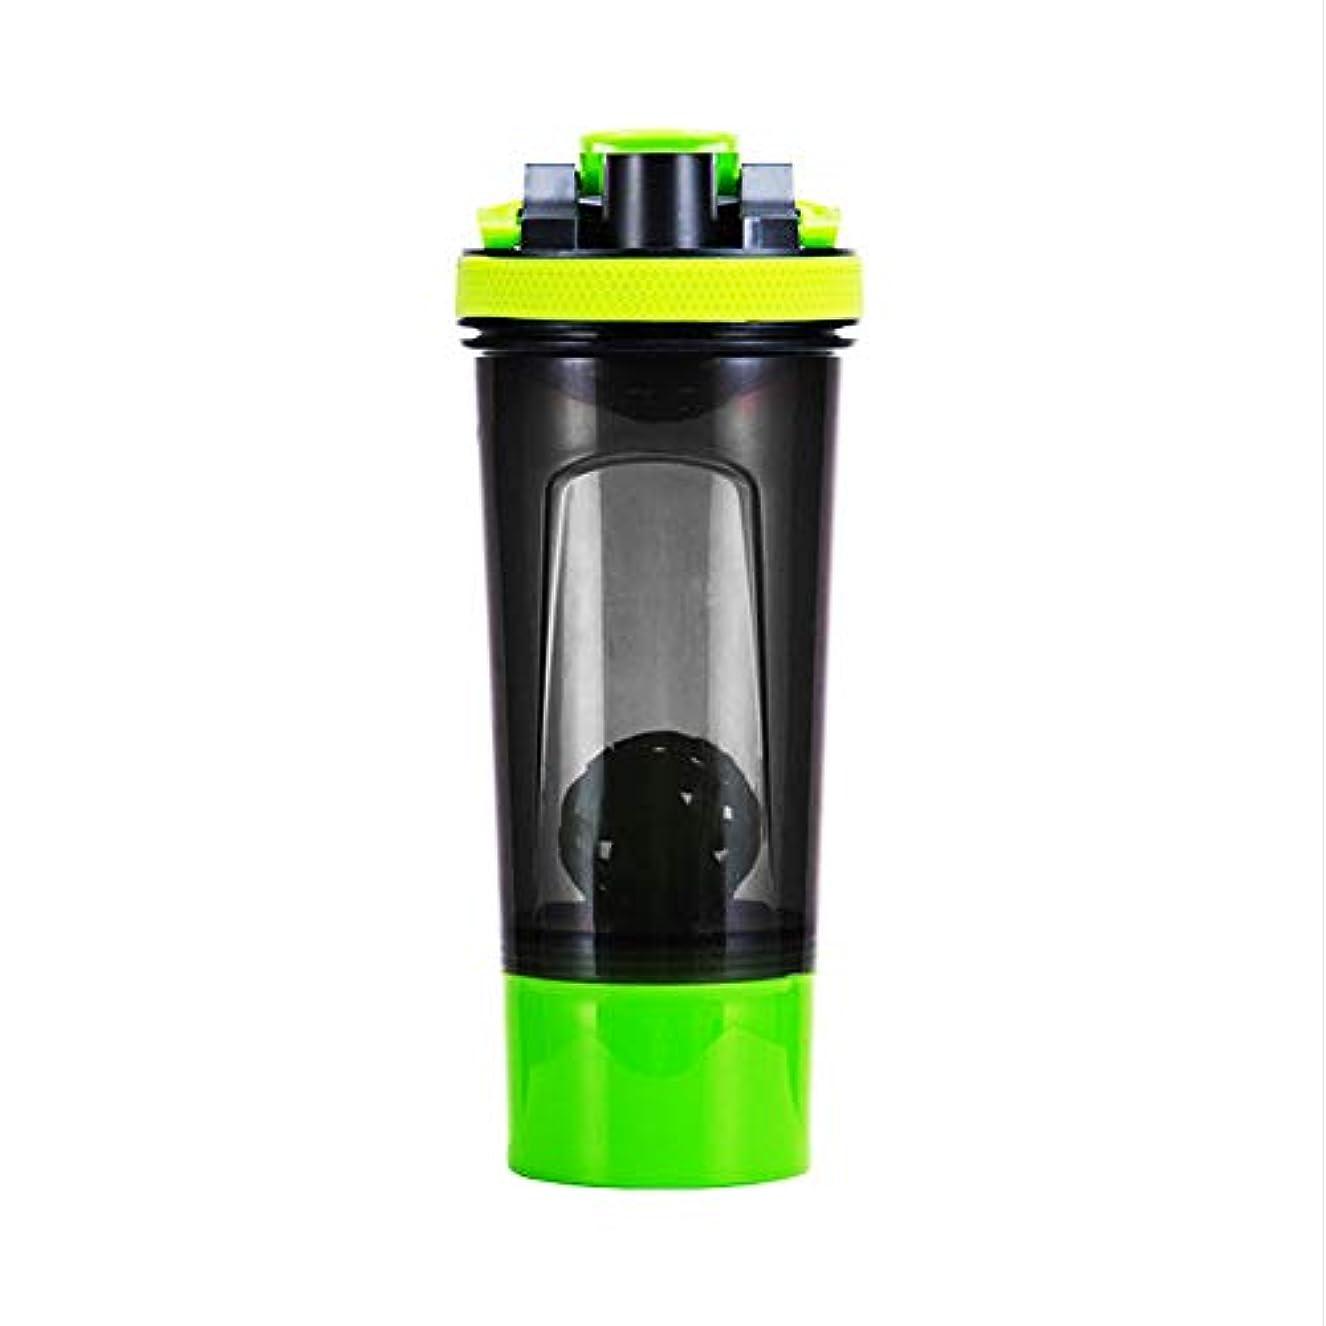 スクラップ定説反論Quner プロテインシェイカー ボトル 水筒 700ml シェーカーボトル スポーツボトル 目盛り 3層 プラスチック フィットネス ダイエット コンテナ付き サプリケース